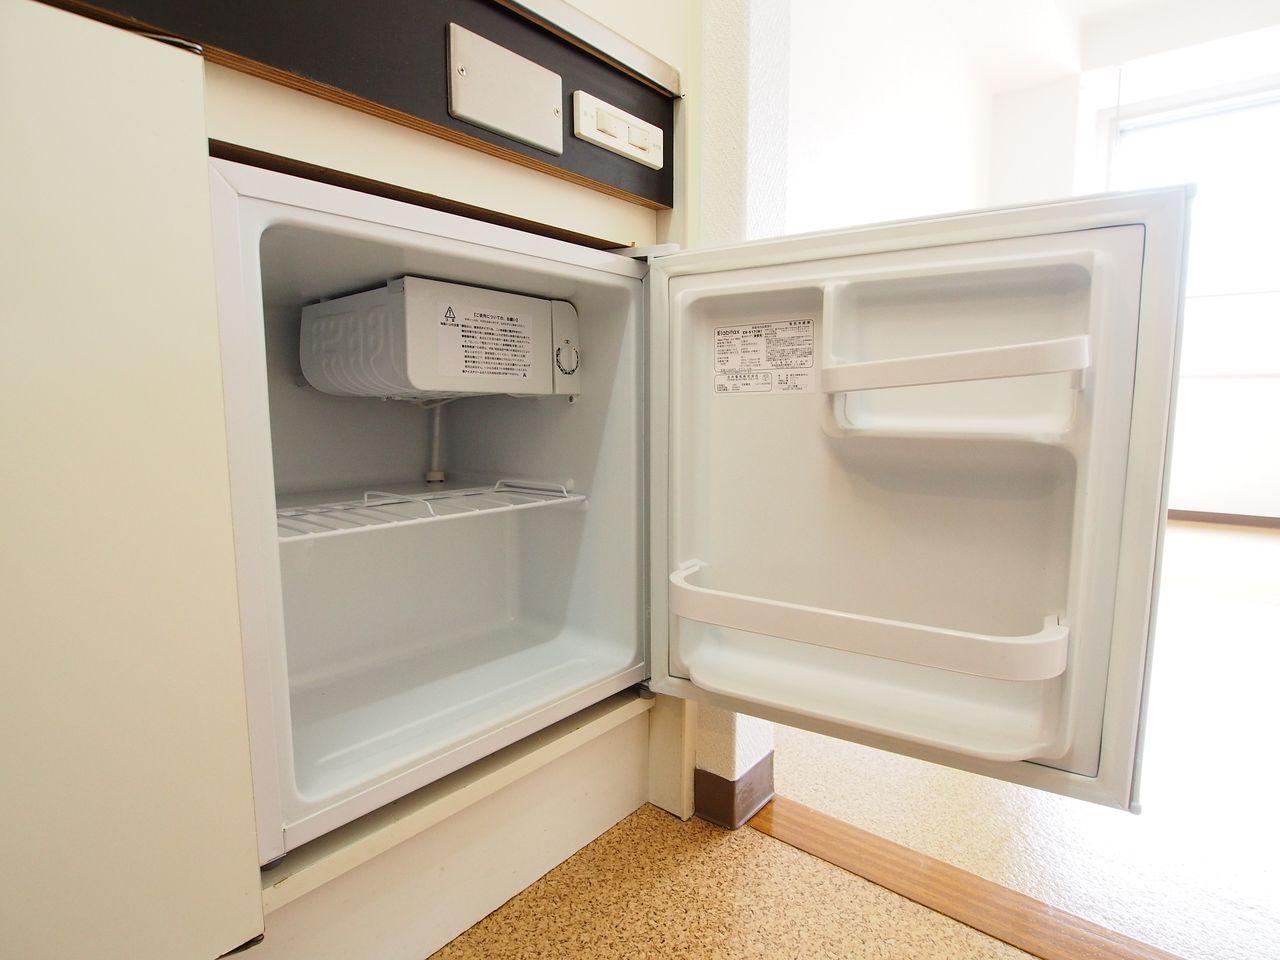 飲み物のストックに便利なミニ冷蔵庫